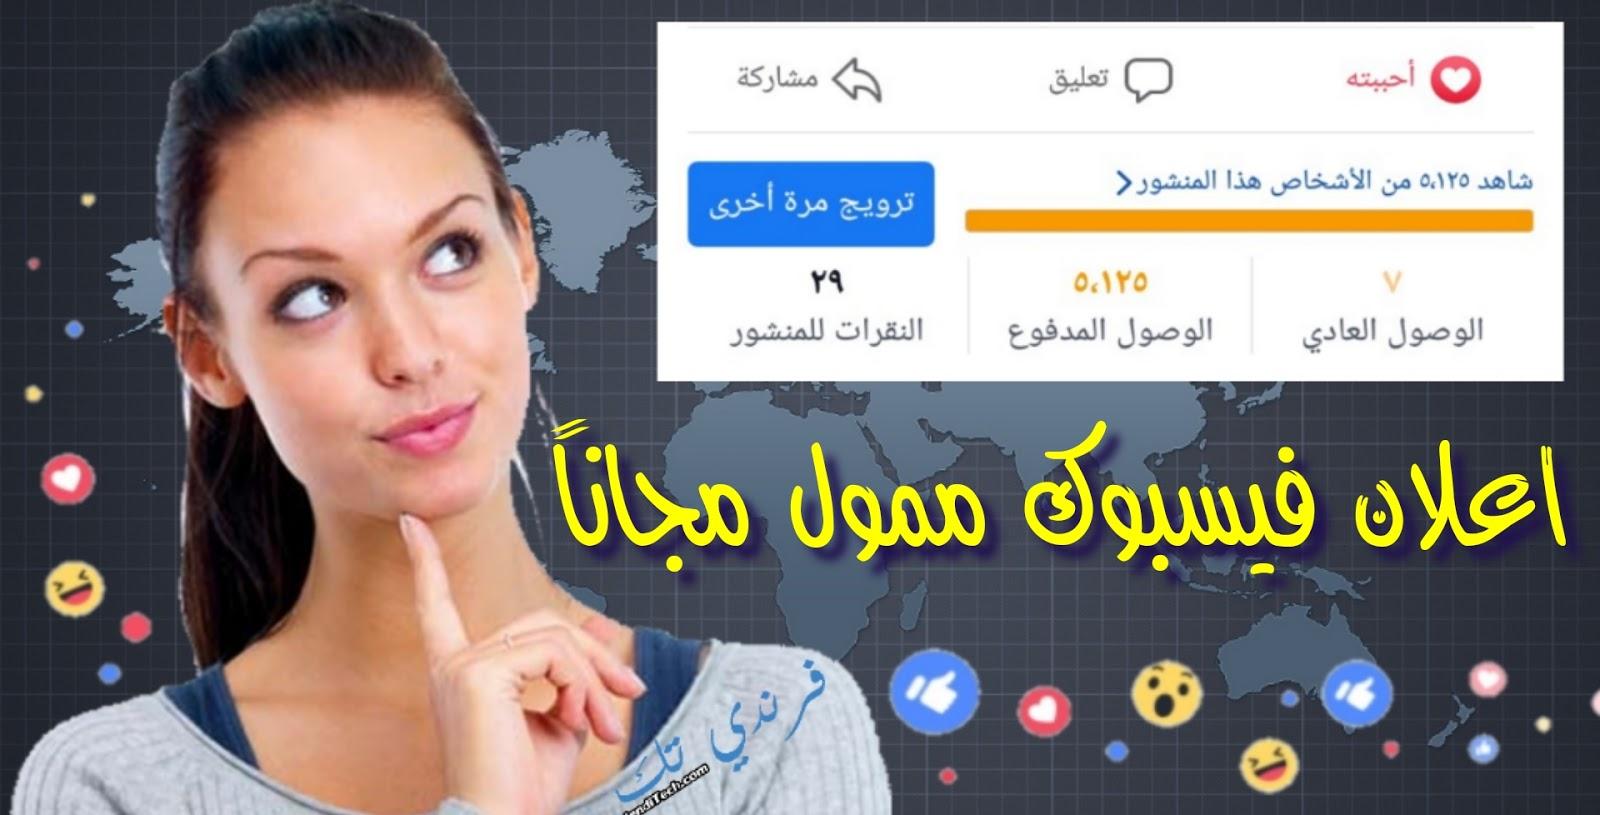 كيفية عمل إعلان ممول على الفيس بوك مجانا 2020 || bin facebook ads